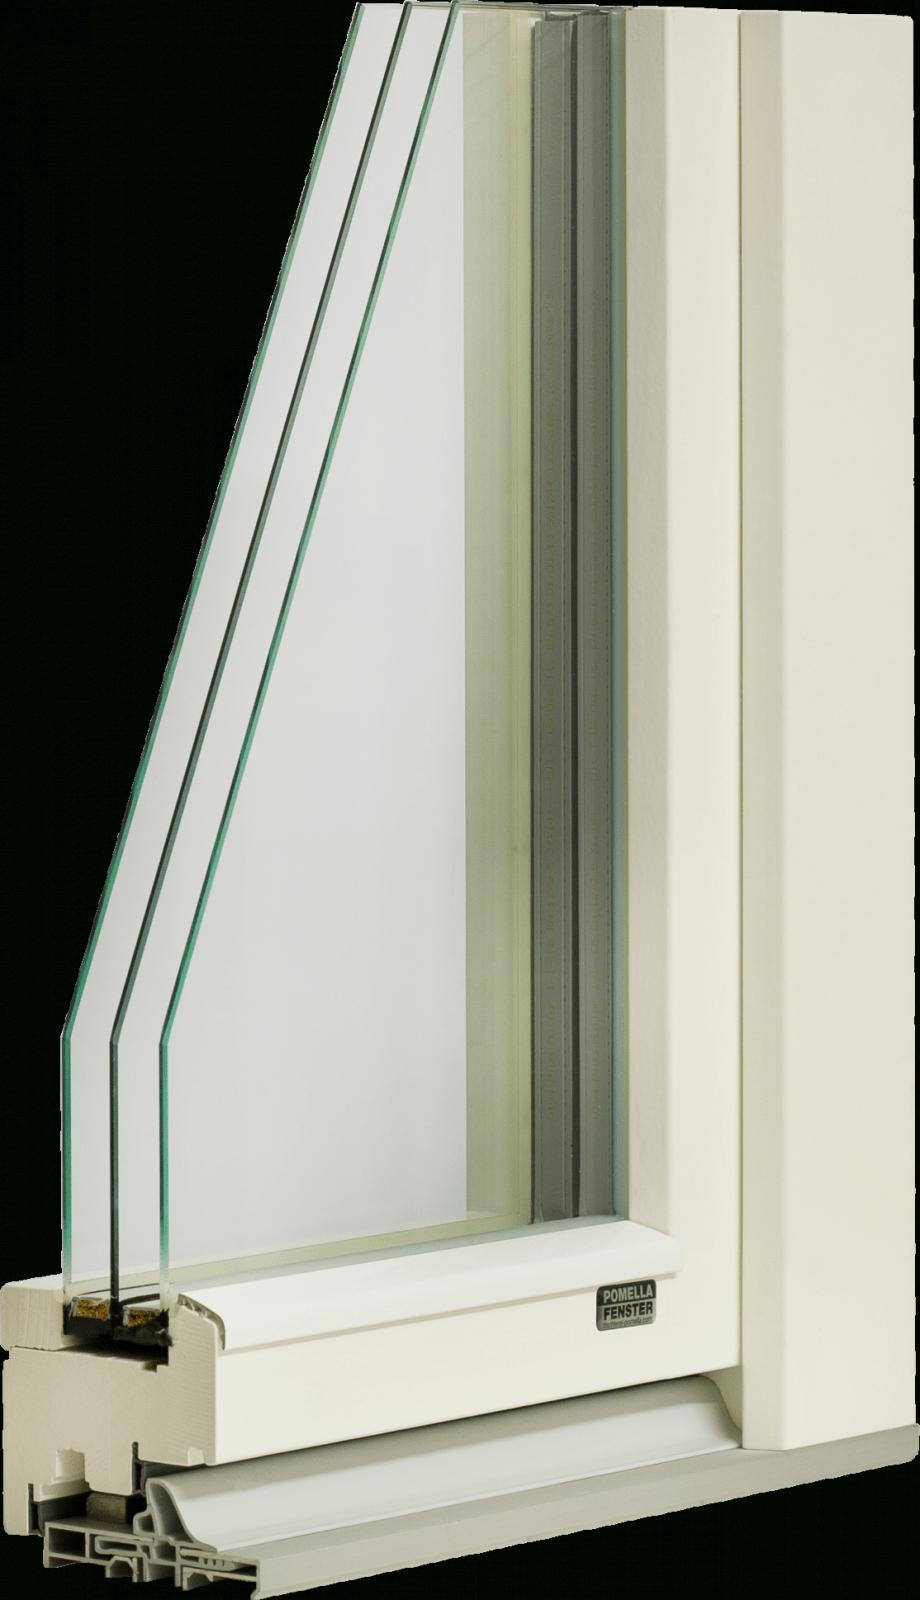 Verwunderlich 3 Fach Verglasung Nachteile – Gabelectronics von 3 Fach Verglasung Nachteile Photo